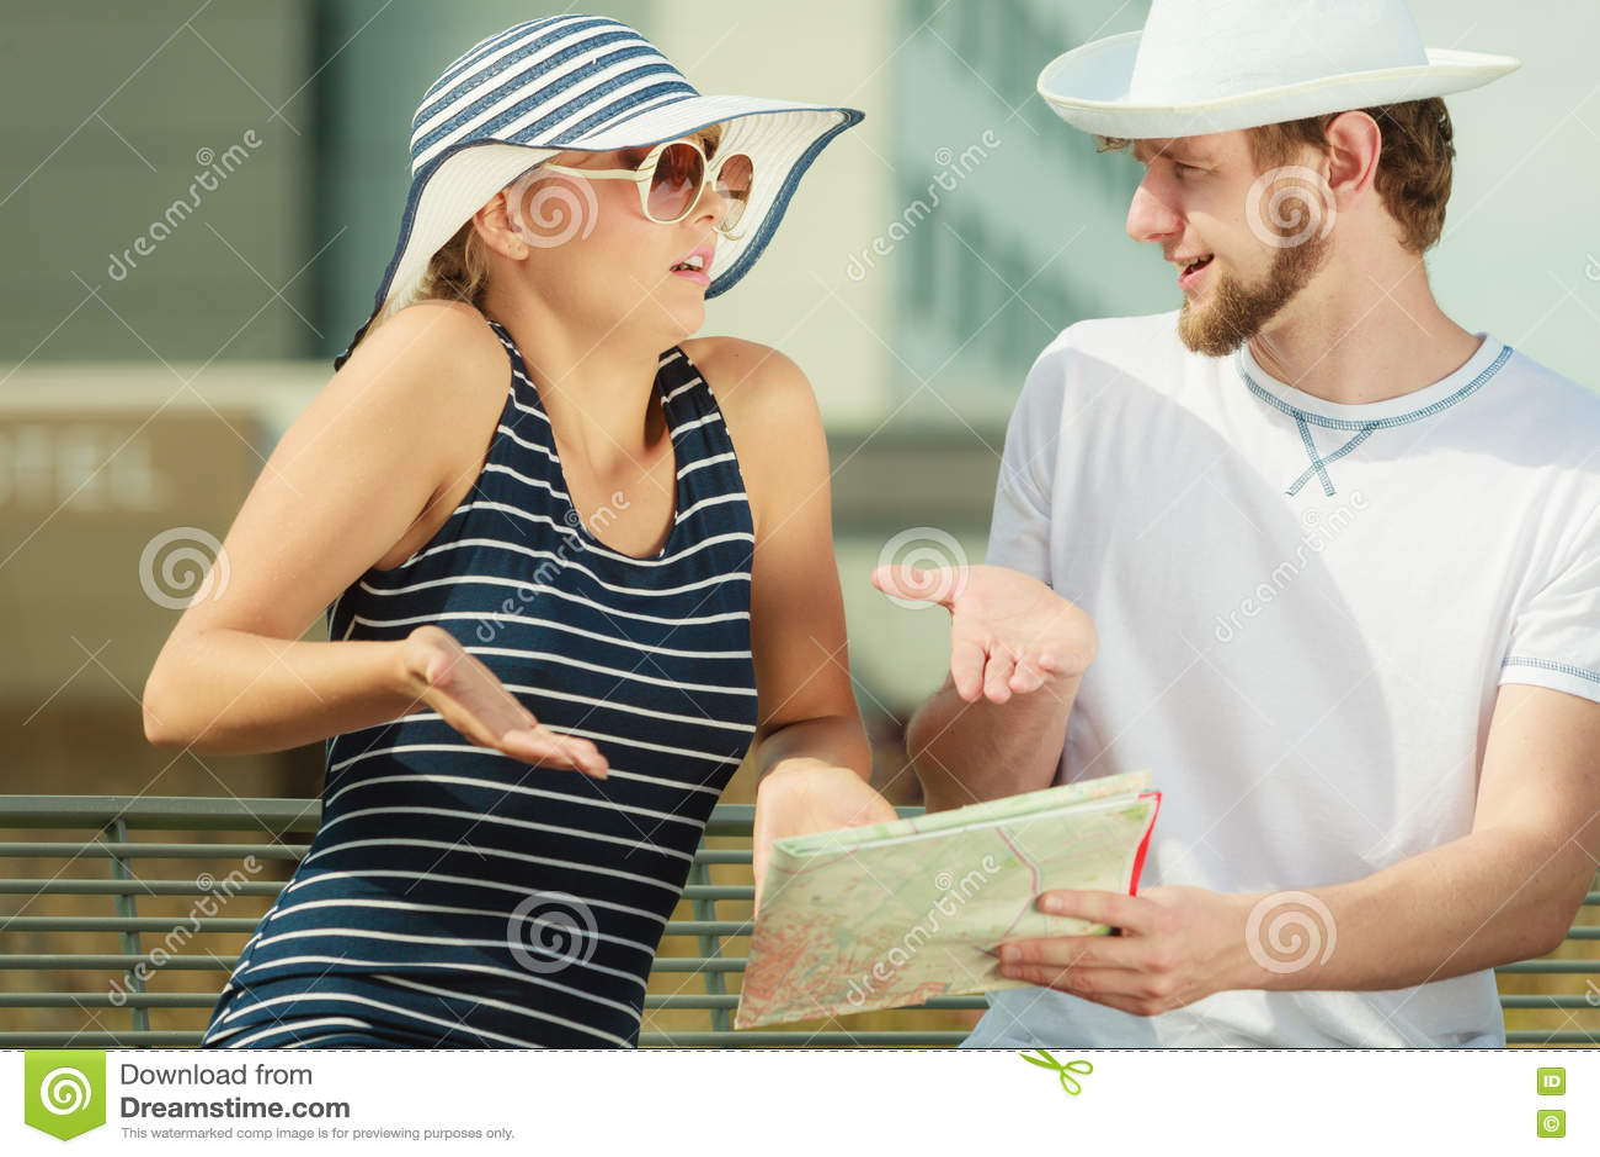 Download Туристские пары в городе смотря вверх направления на карте Стоковое Фото - изображение насчитывающей ванта, молодо: 72276328